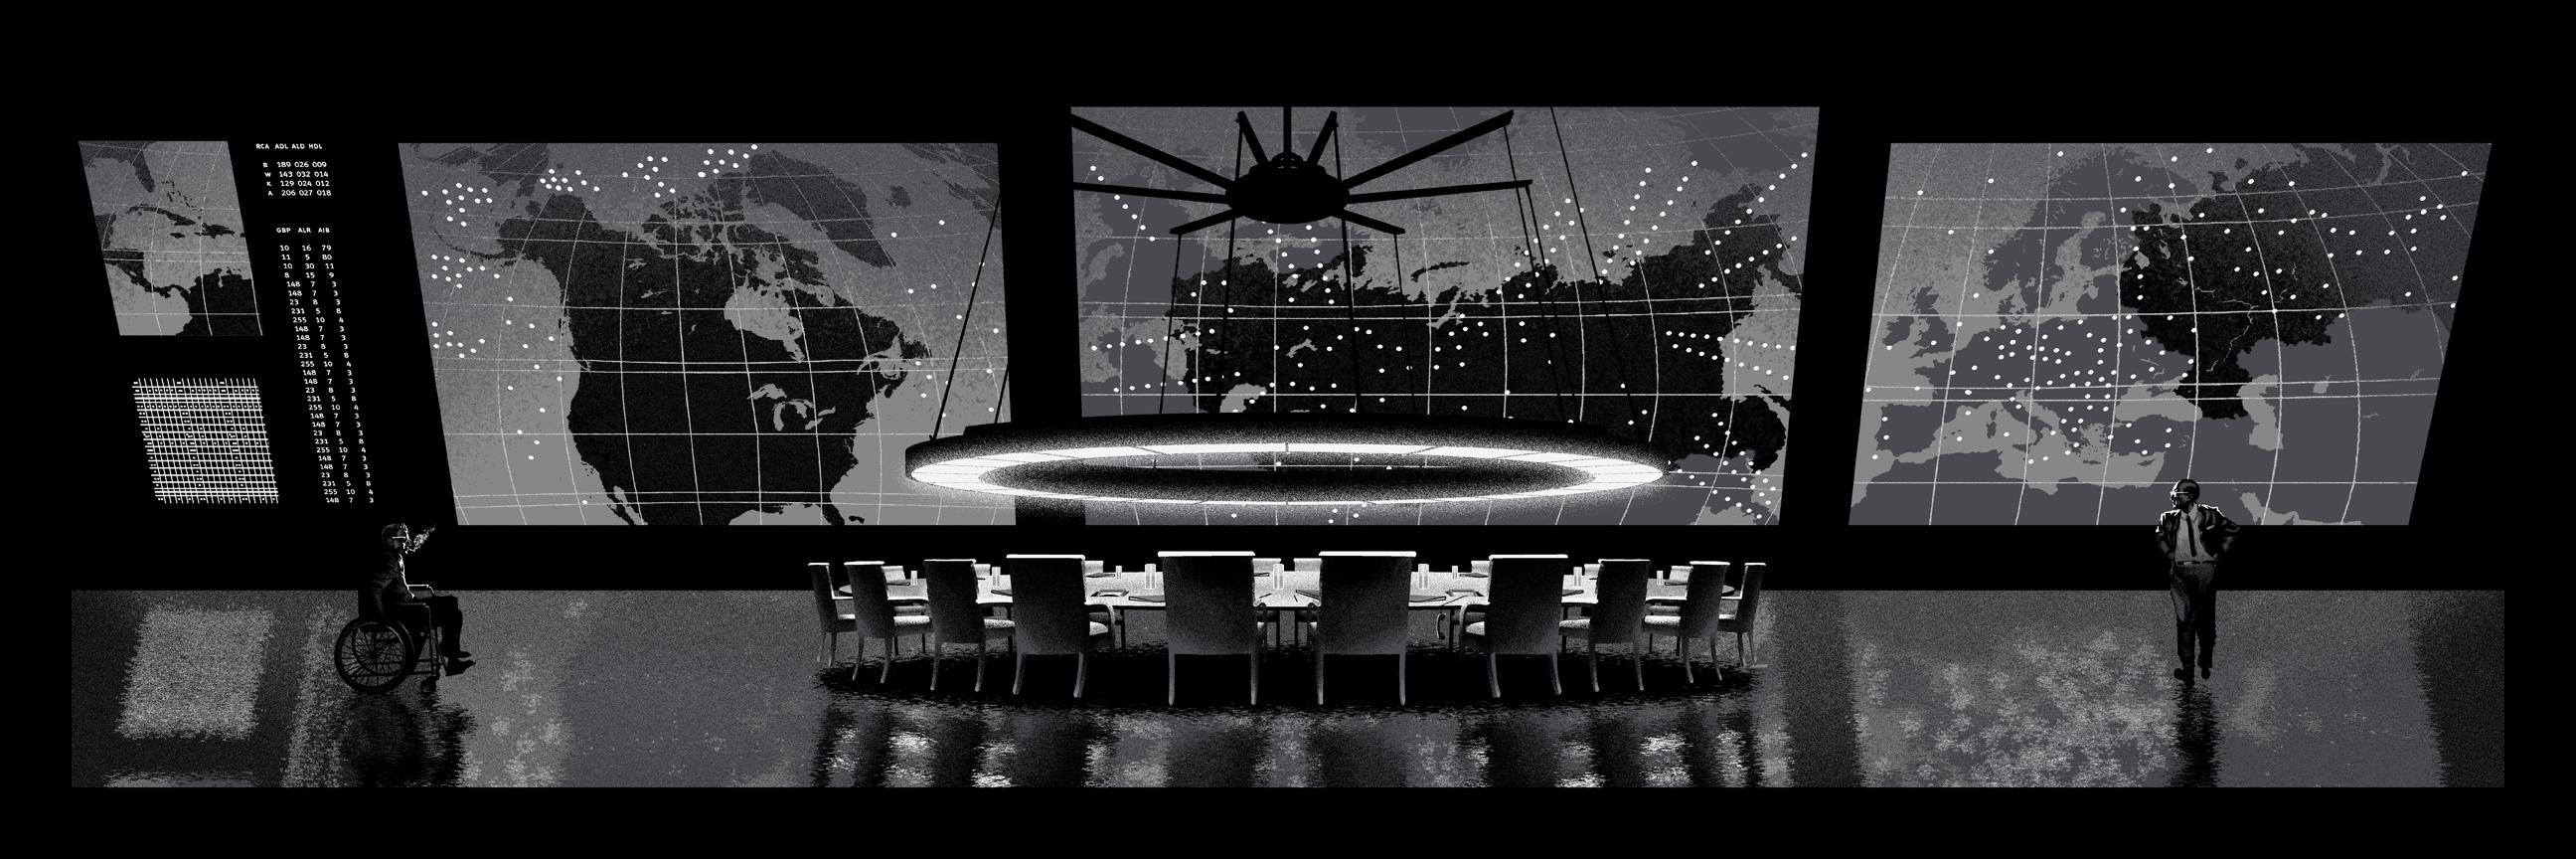 Englert-Dr-Strangelove we'll meet again